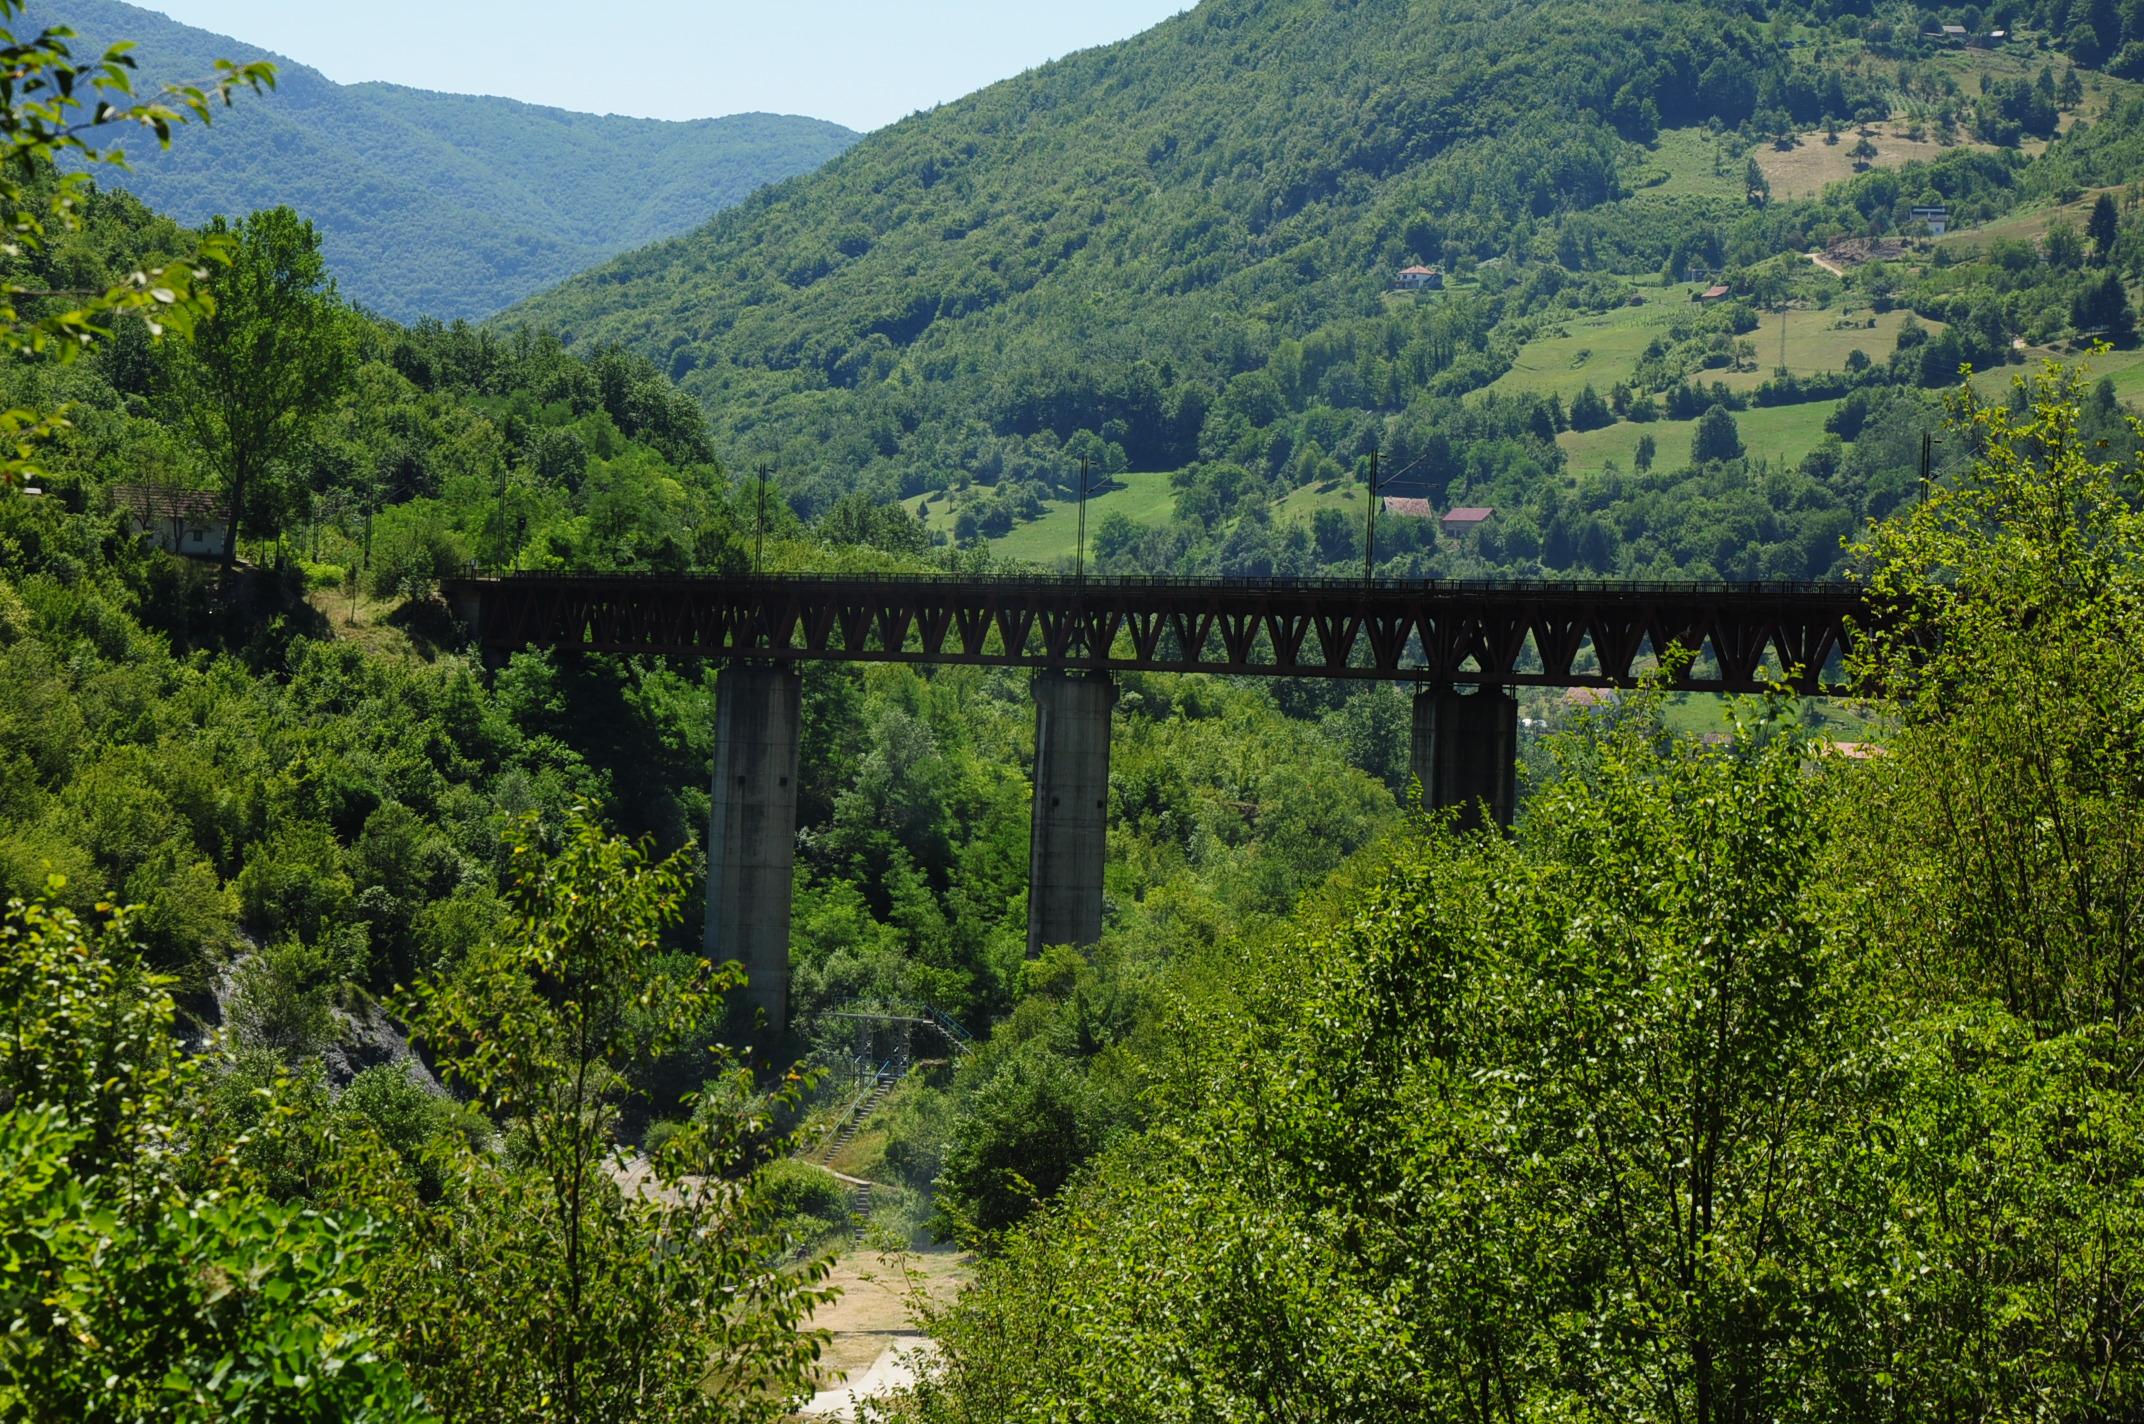 Railway bridge over the Lim